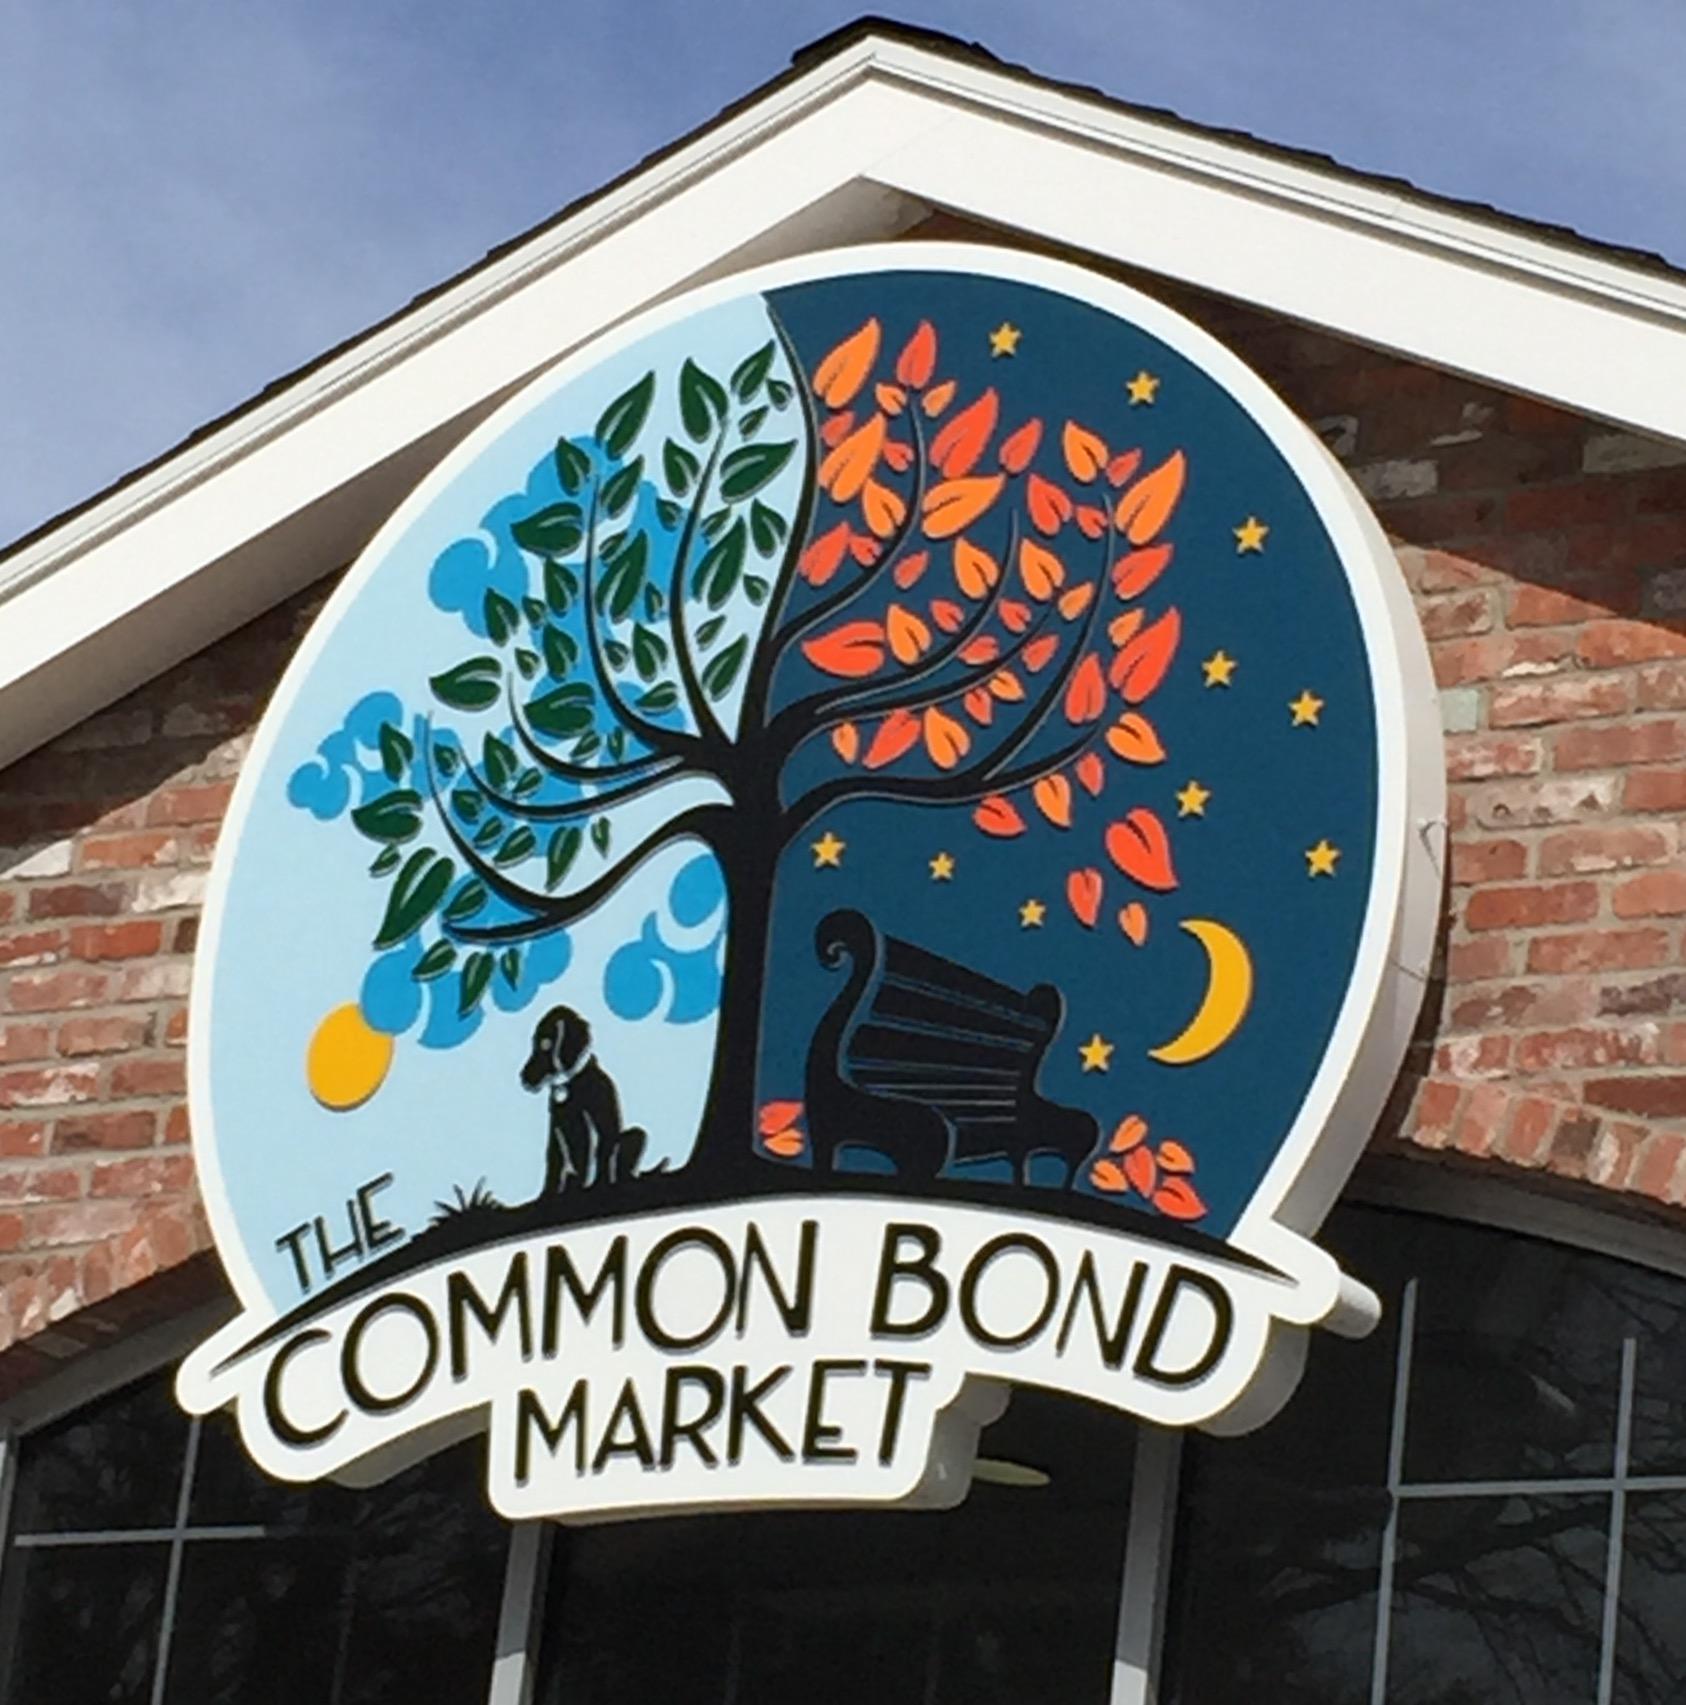 The Common Bond Market - Shelton Connecticut